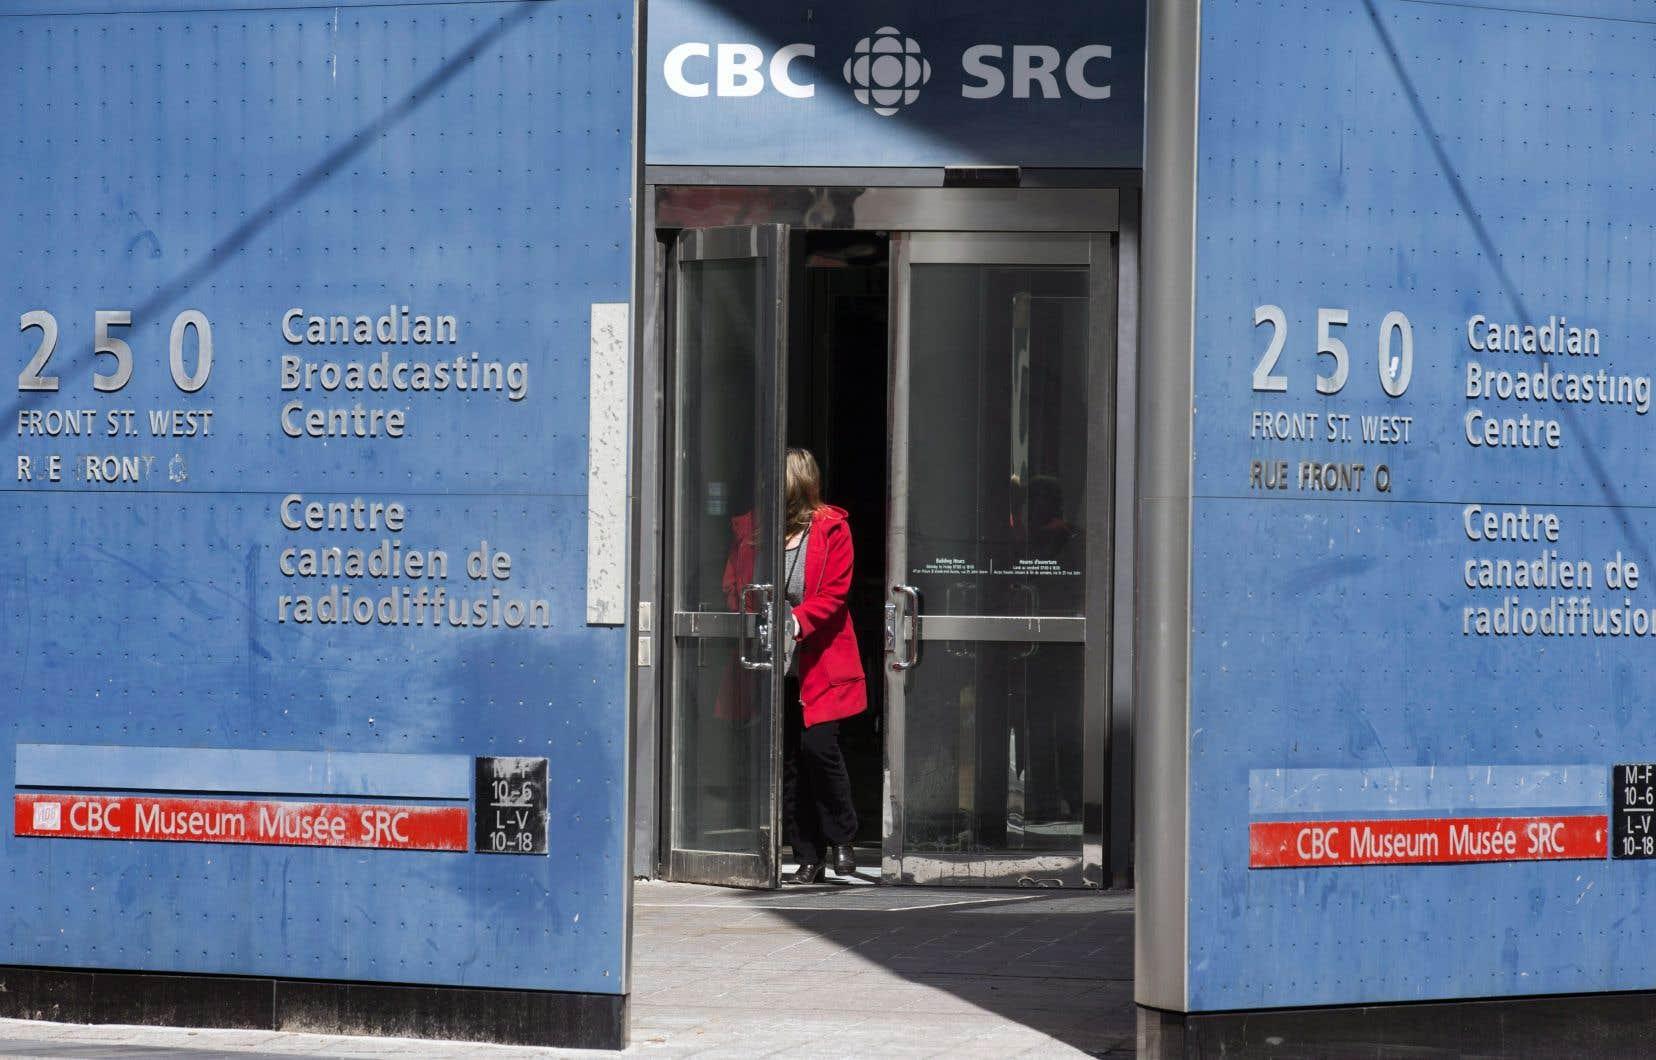 Le réseau anglais de Radio-Canada n'aurait pas dû se faire ordonner de retirer des articles dans ses archives qui nommaient une jeune victime albertaine, a tranché la Cour suprême du Canada.